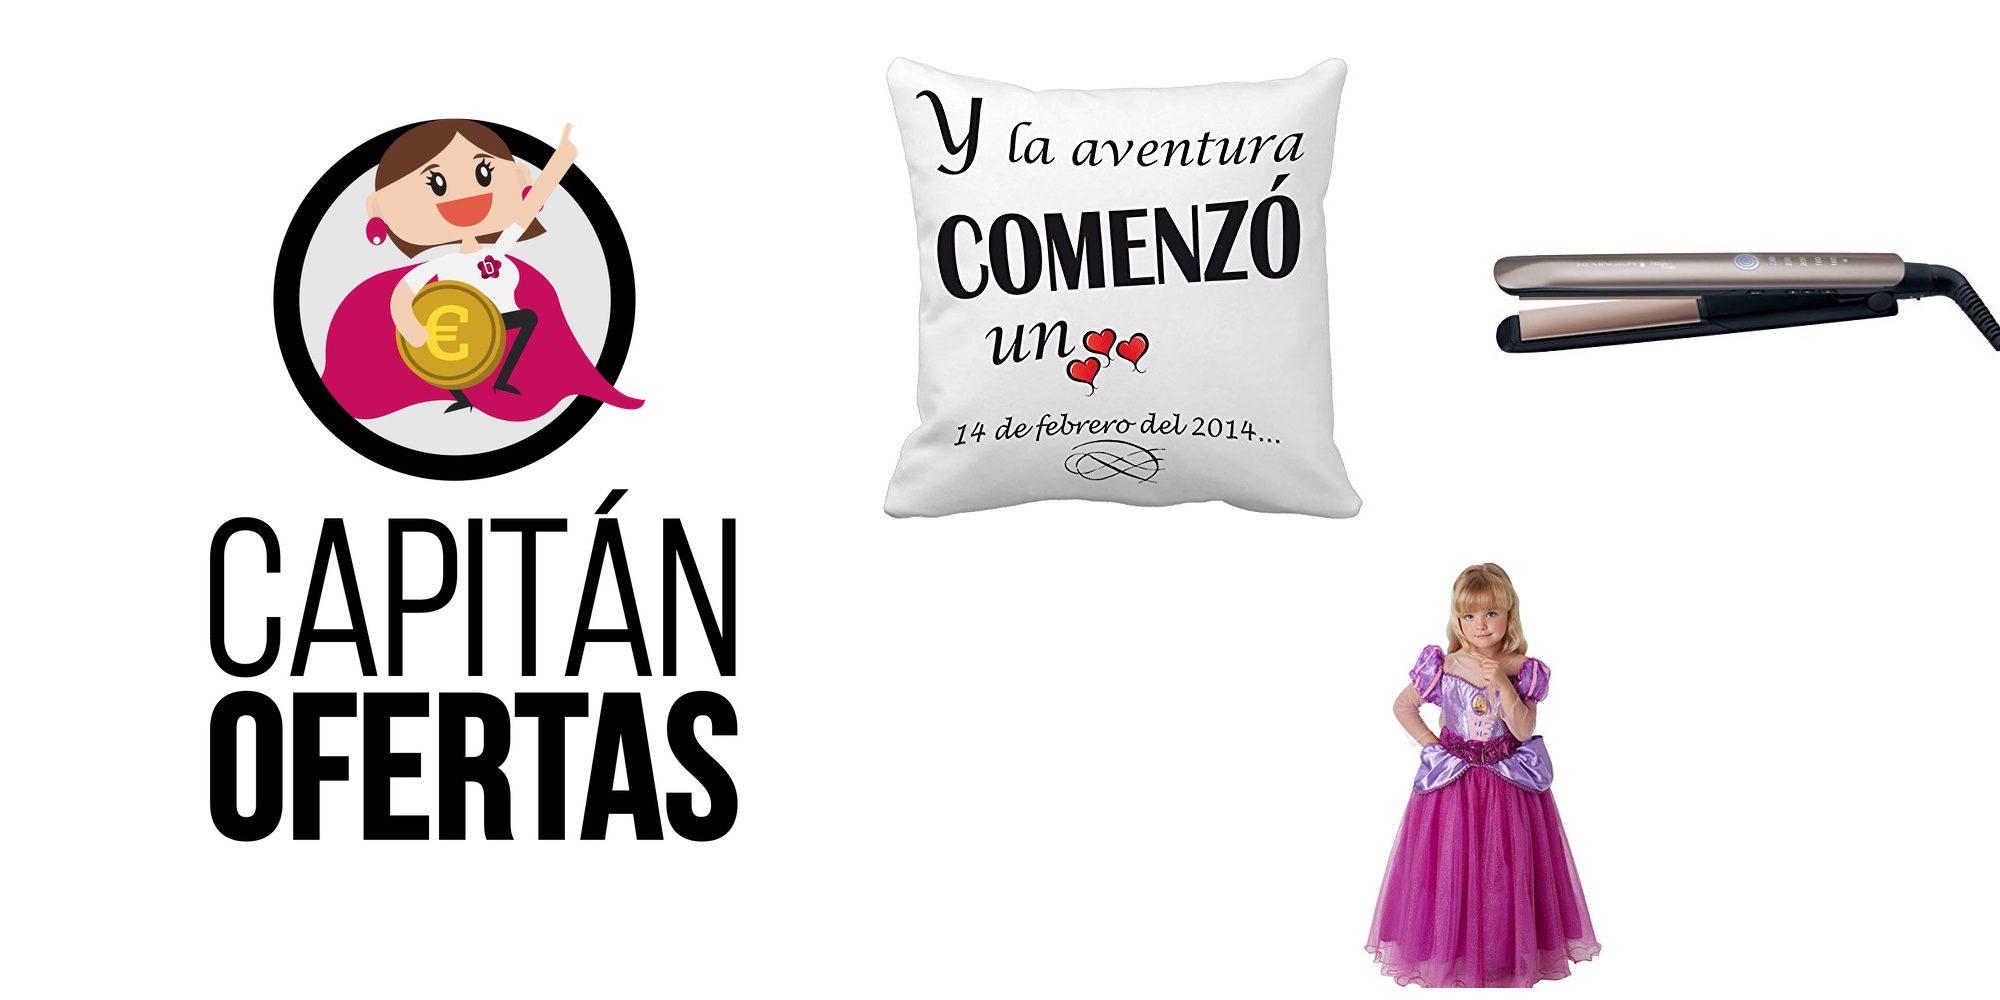 Las mejores ofertas en disfraces infantiles y regalos para San Valentín